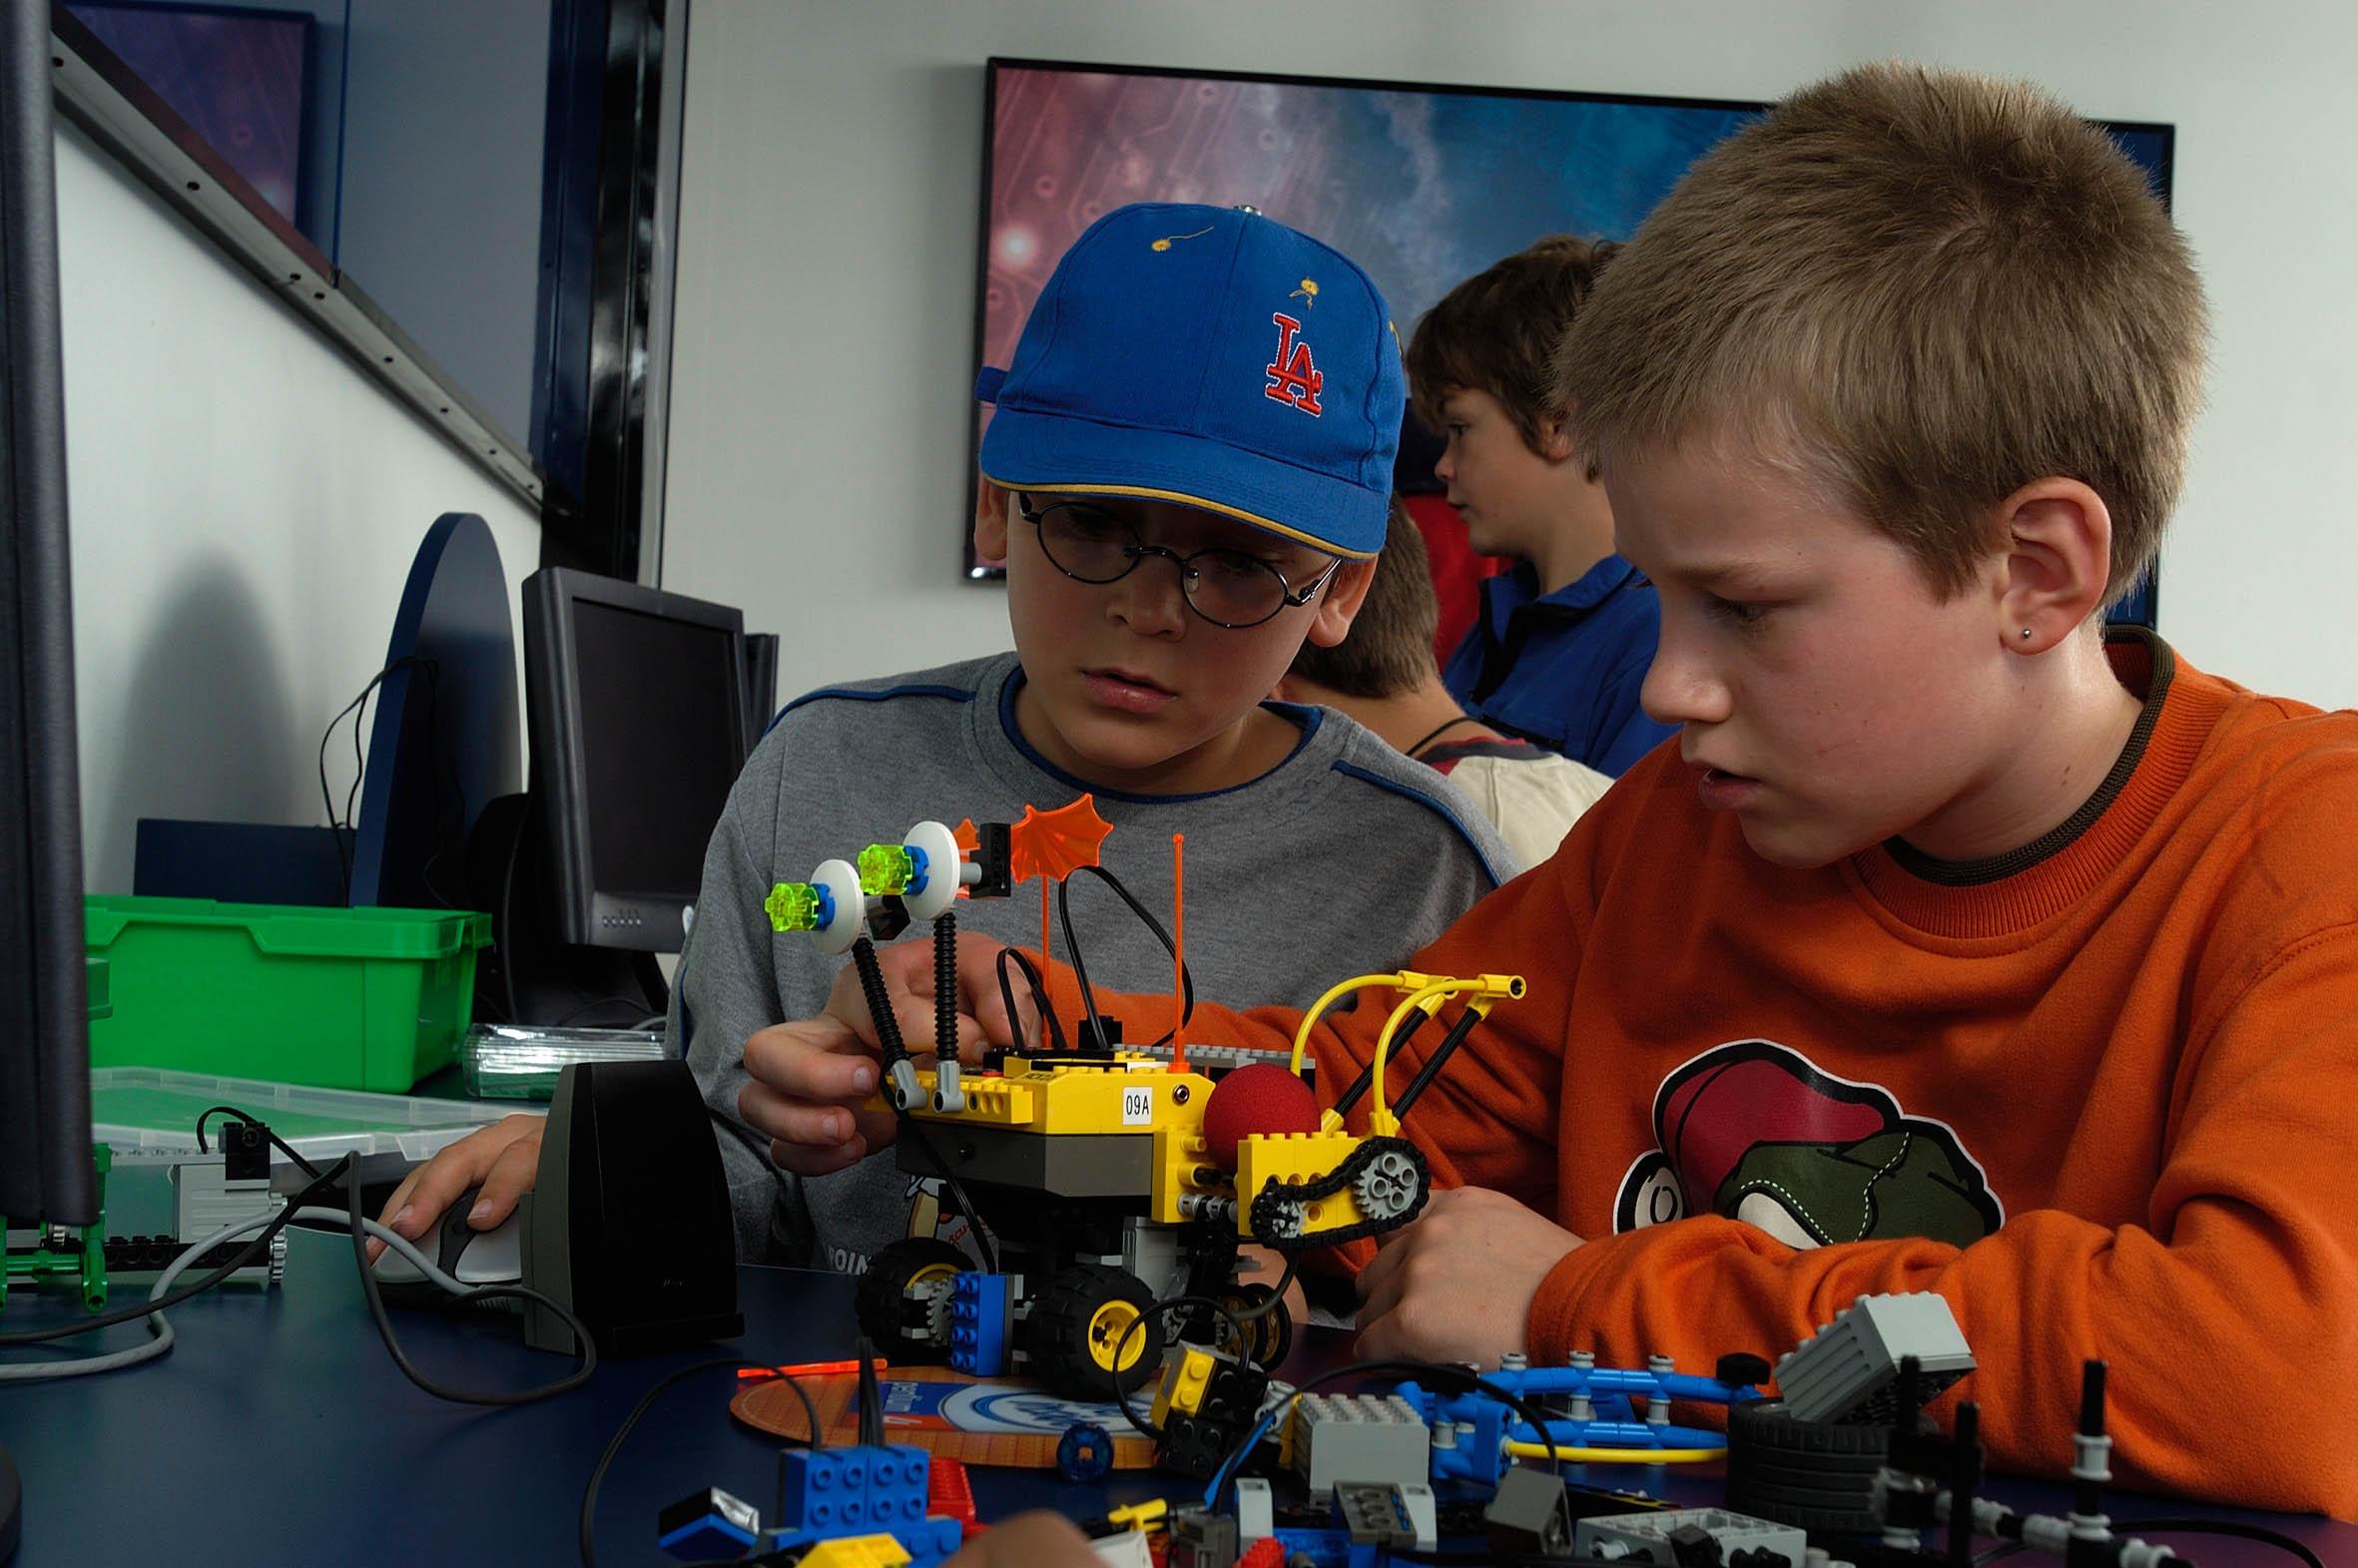 lego-mindstorms-center-mit-kindern-die-einen-lego-roboter-bauen-2